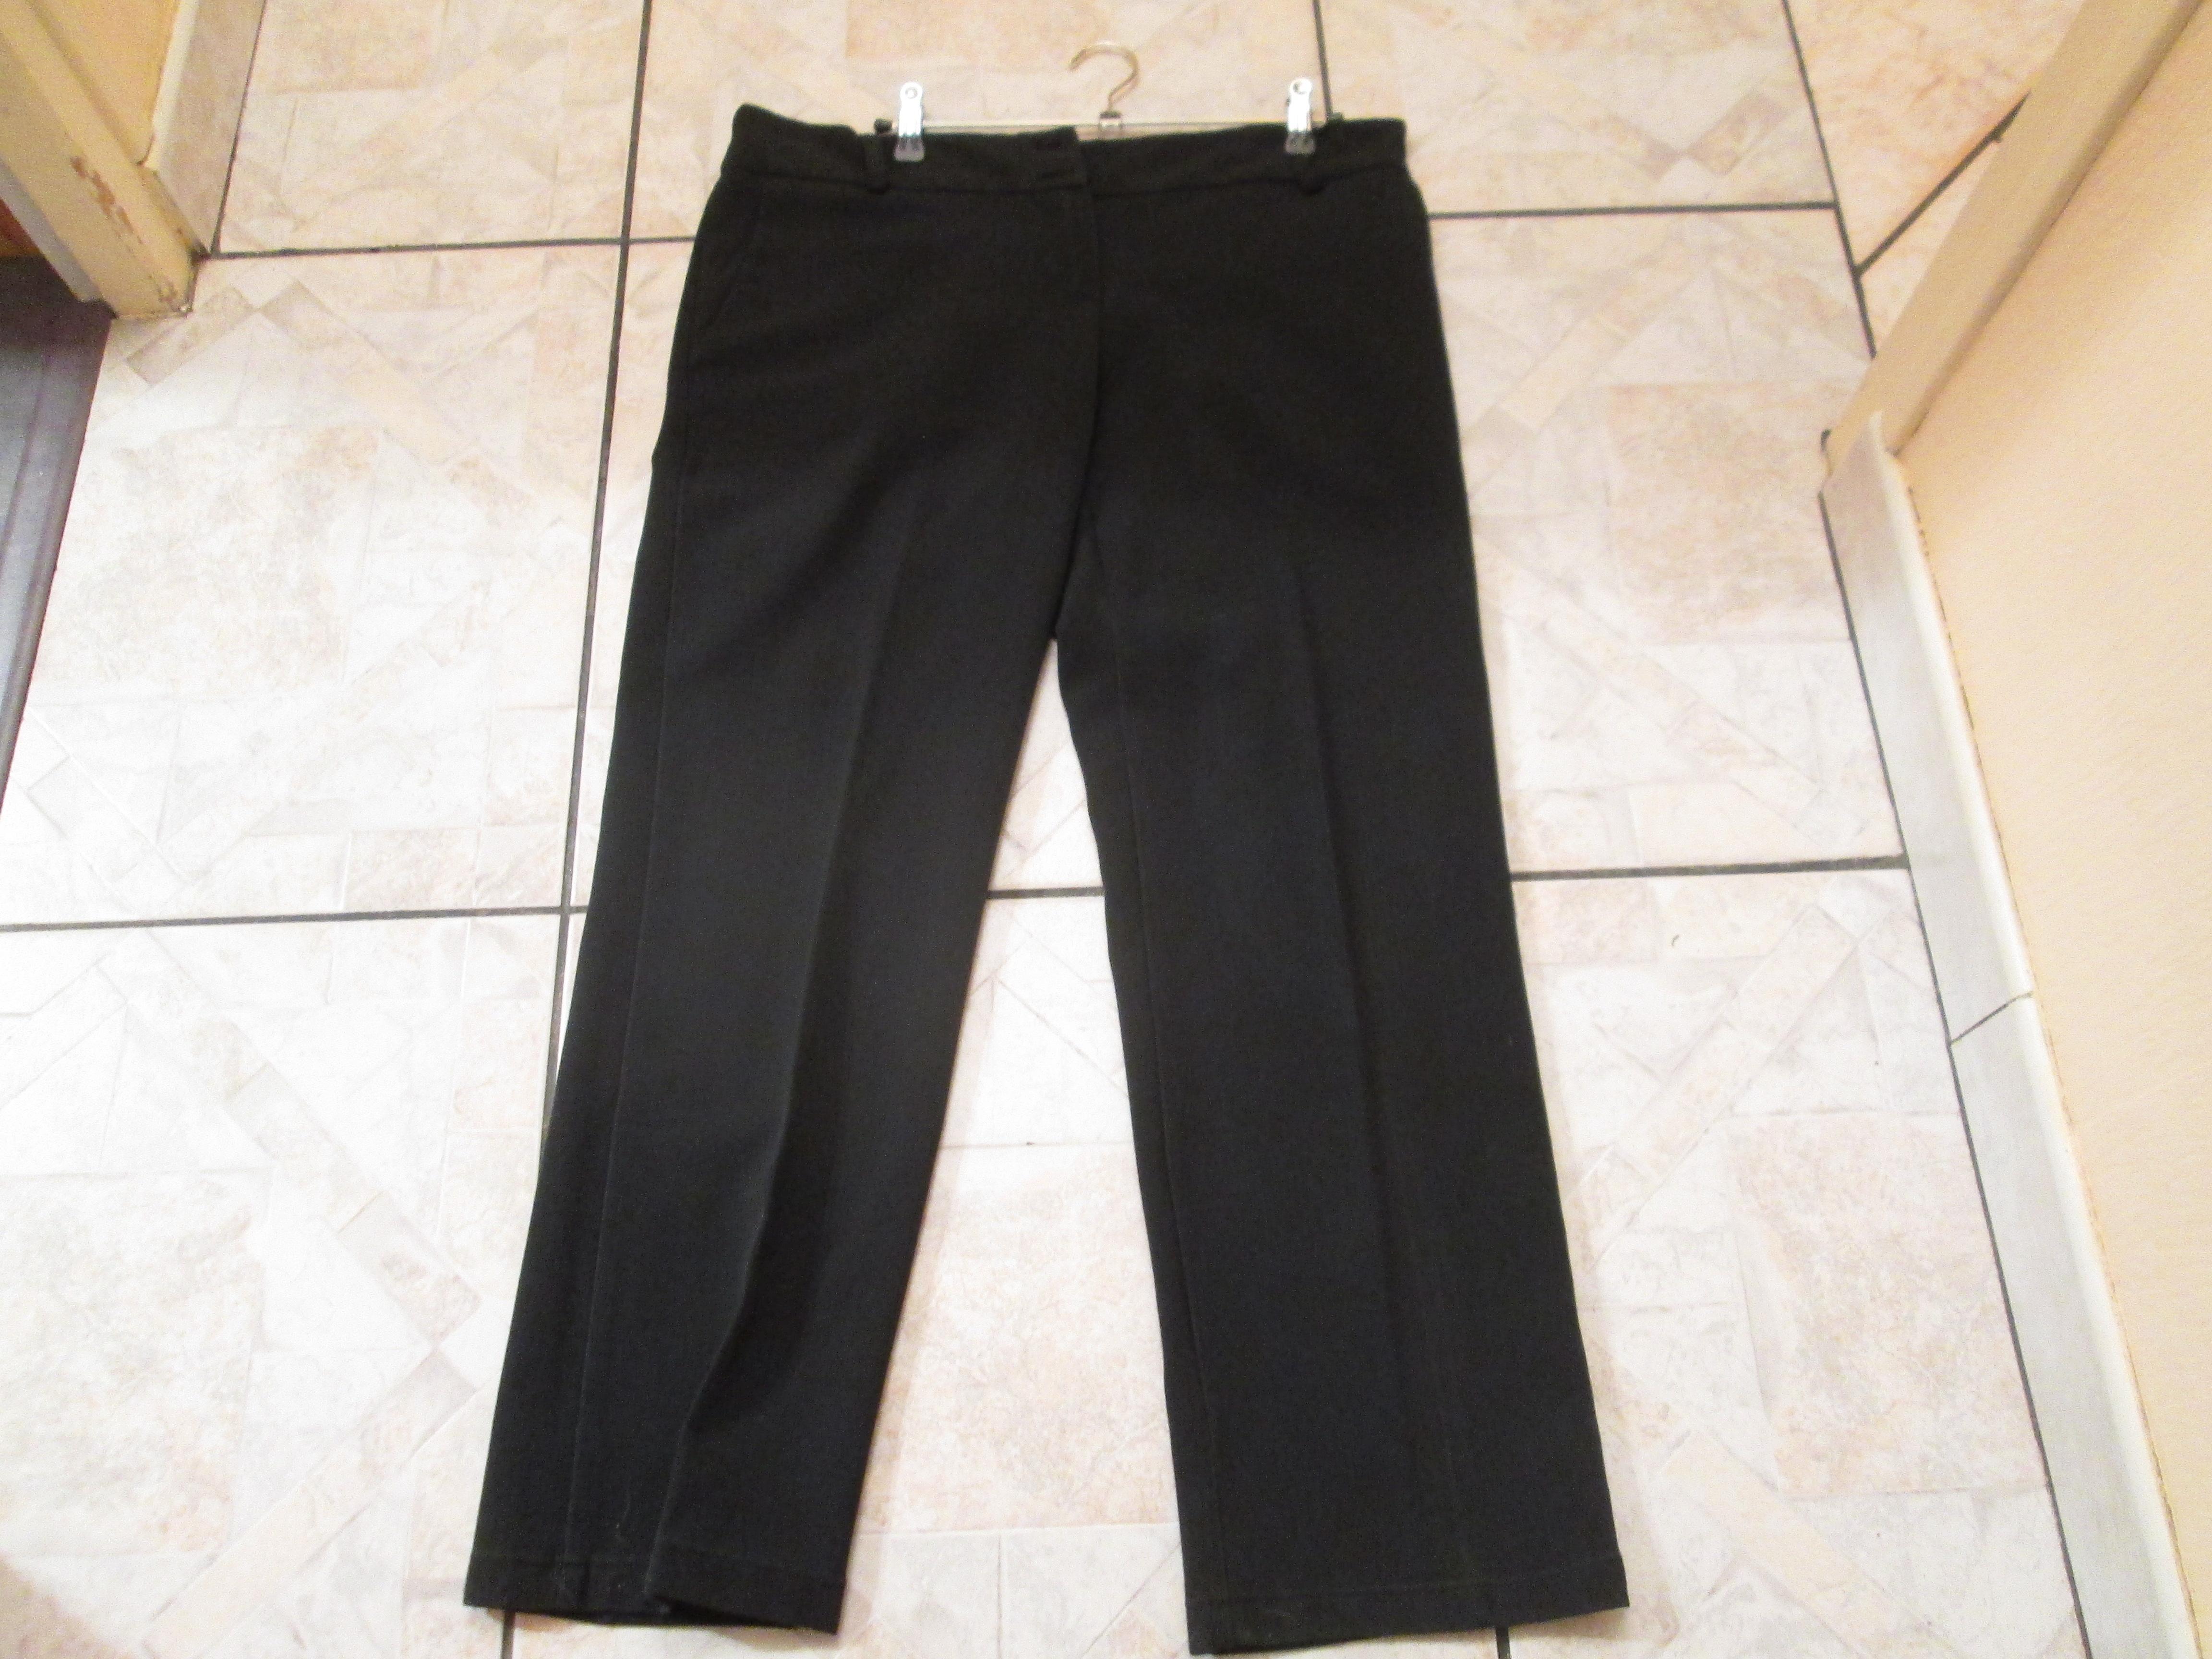 troc de troc pantalon noir taille 42 habillé image 0